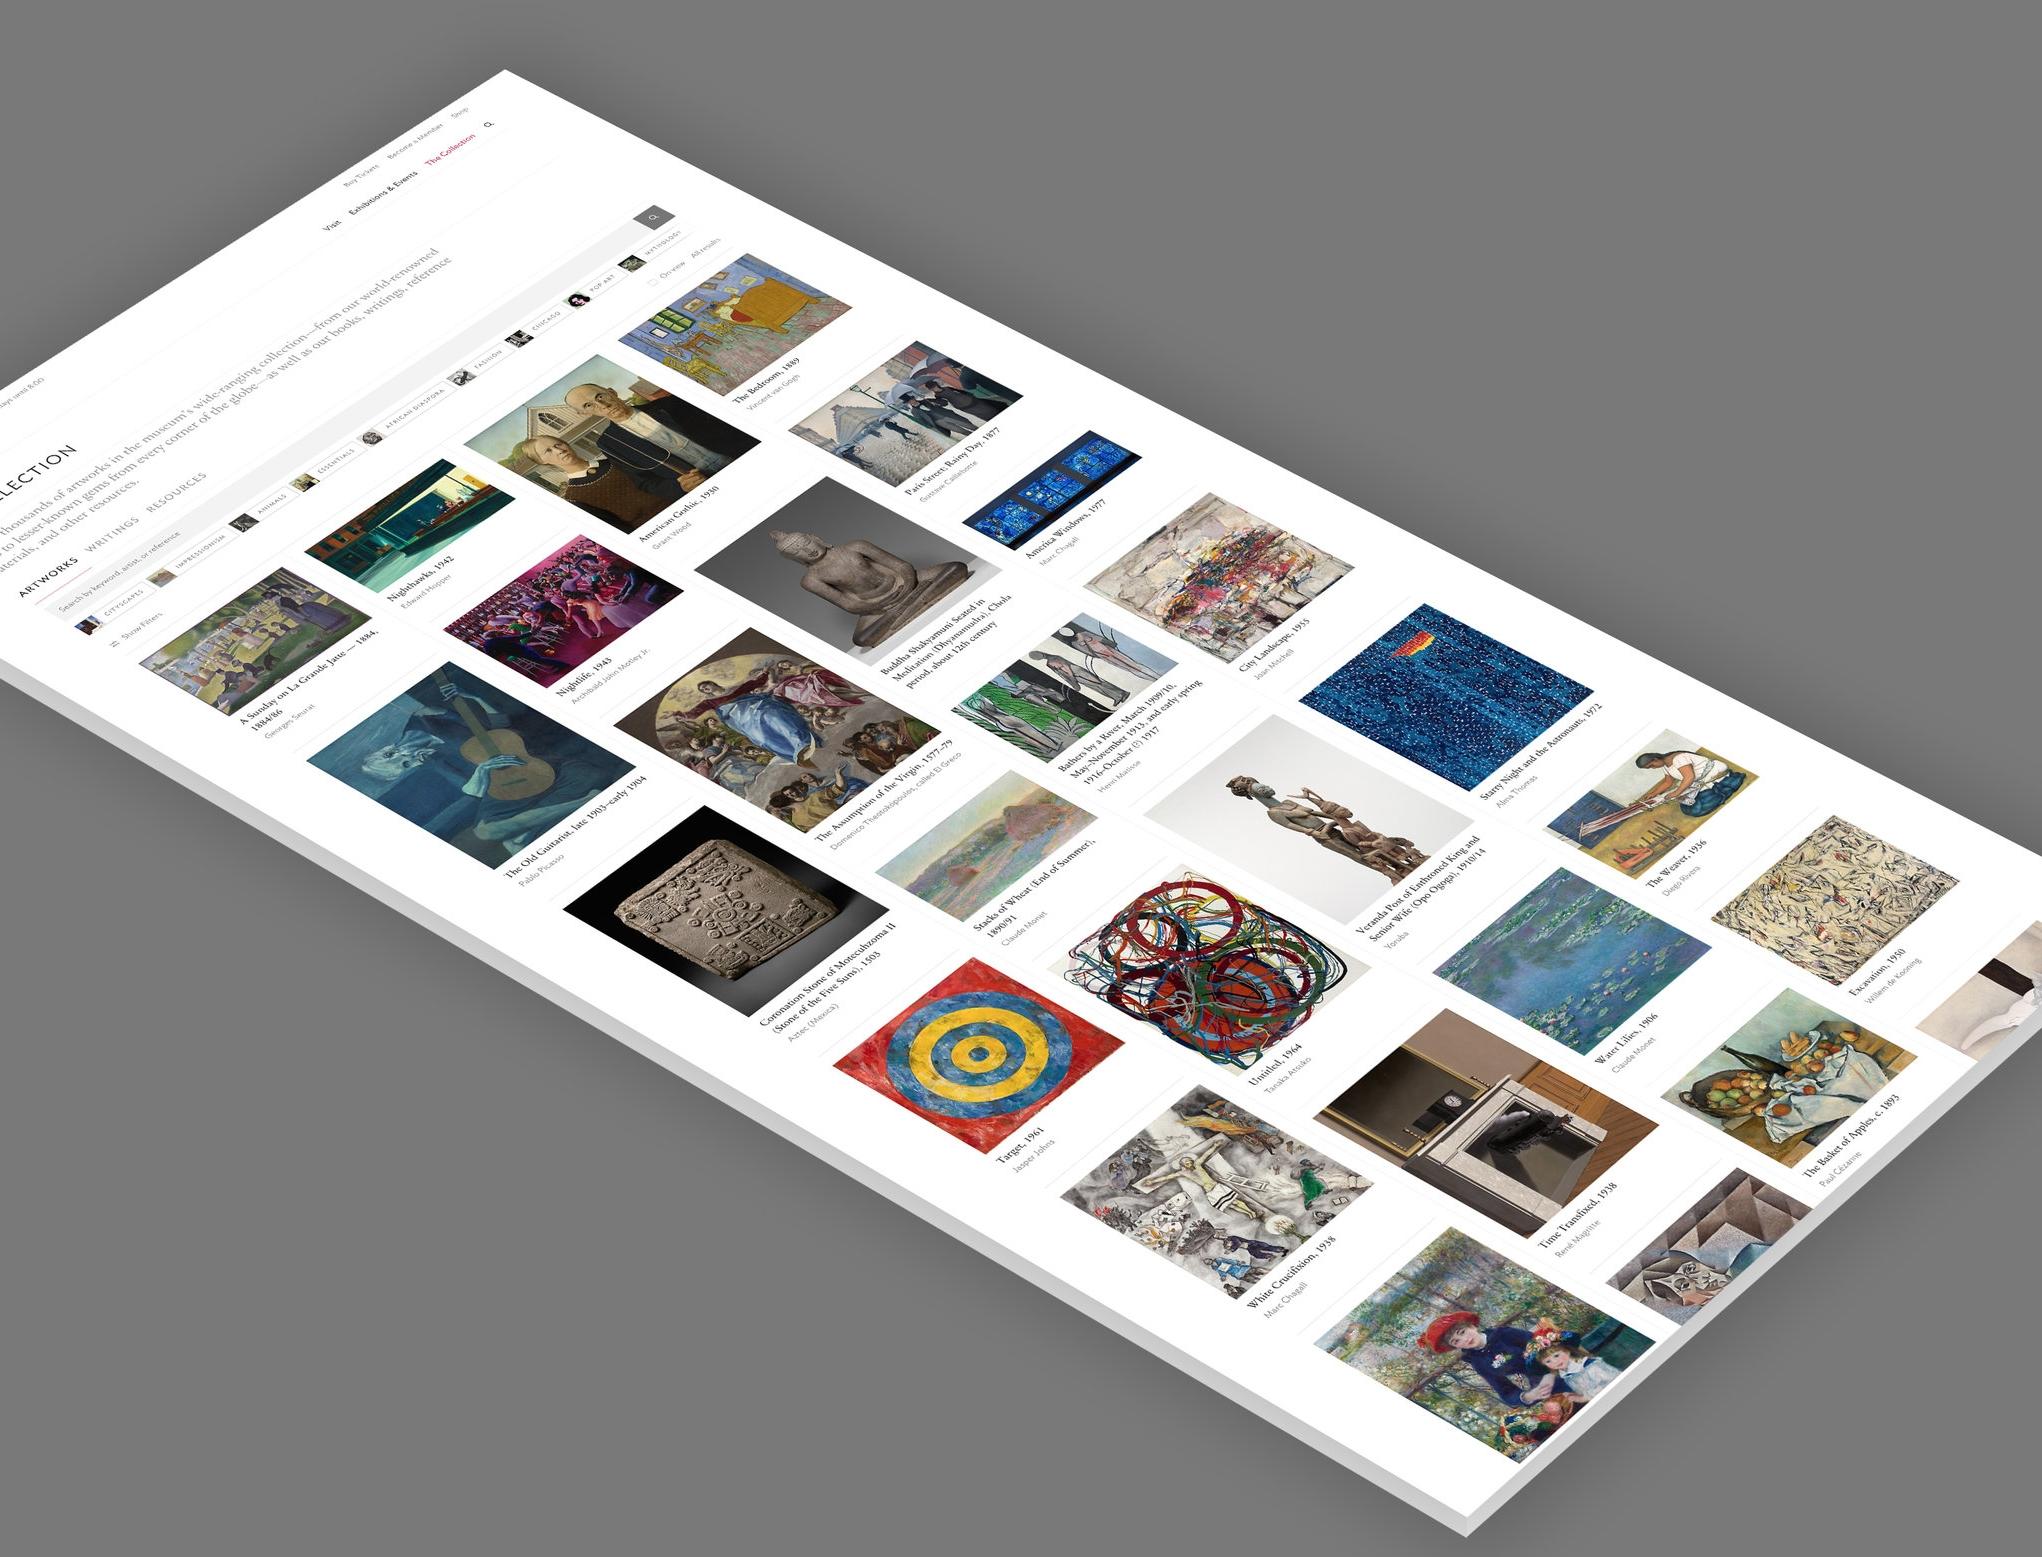 Art Institute of Chicago Website Redesign - The Art Institute of Chicago | 2018